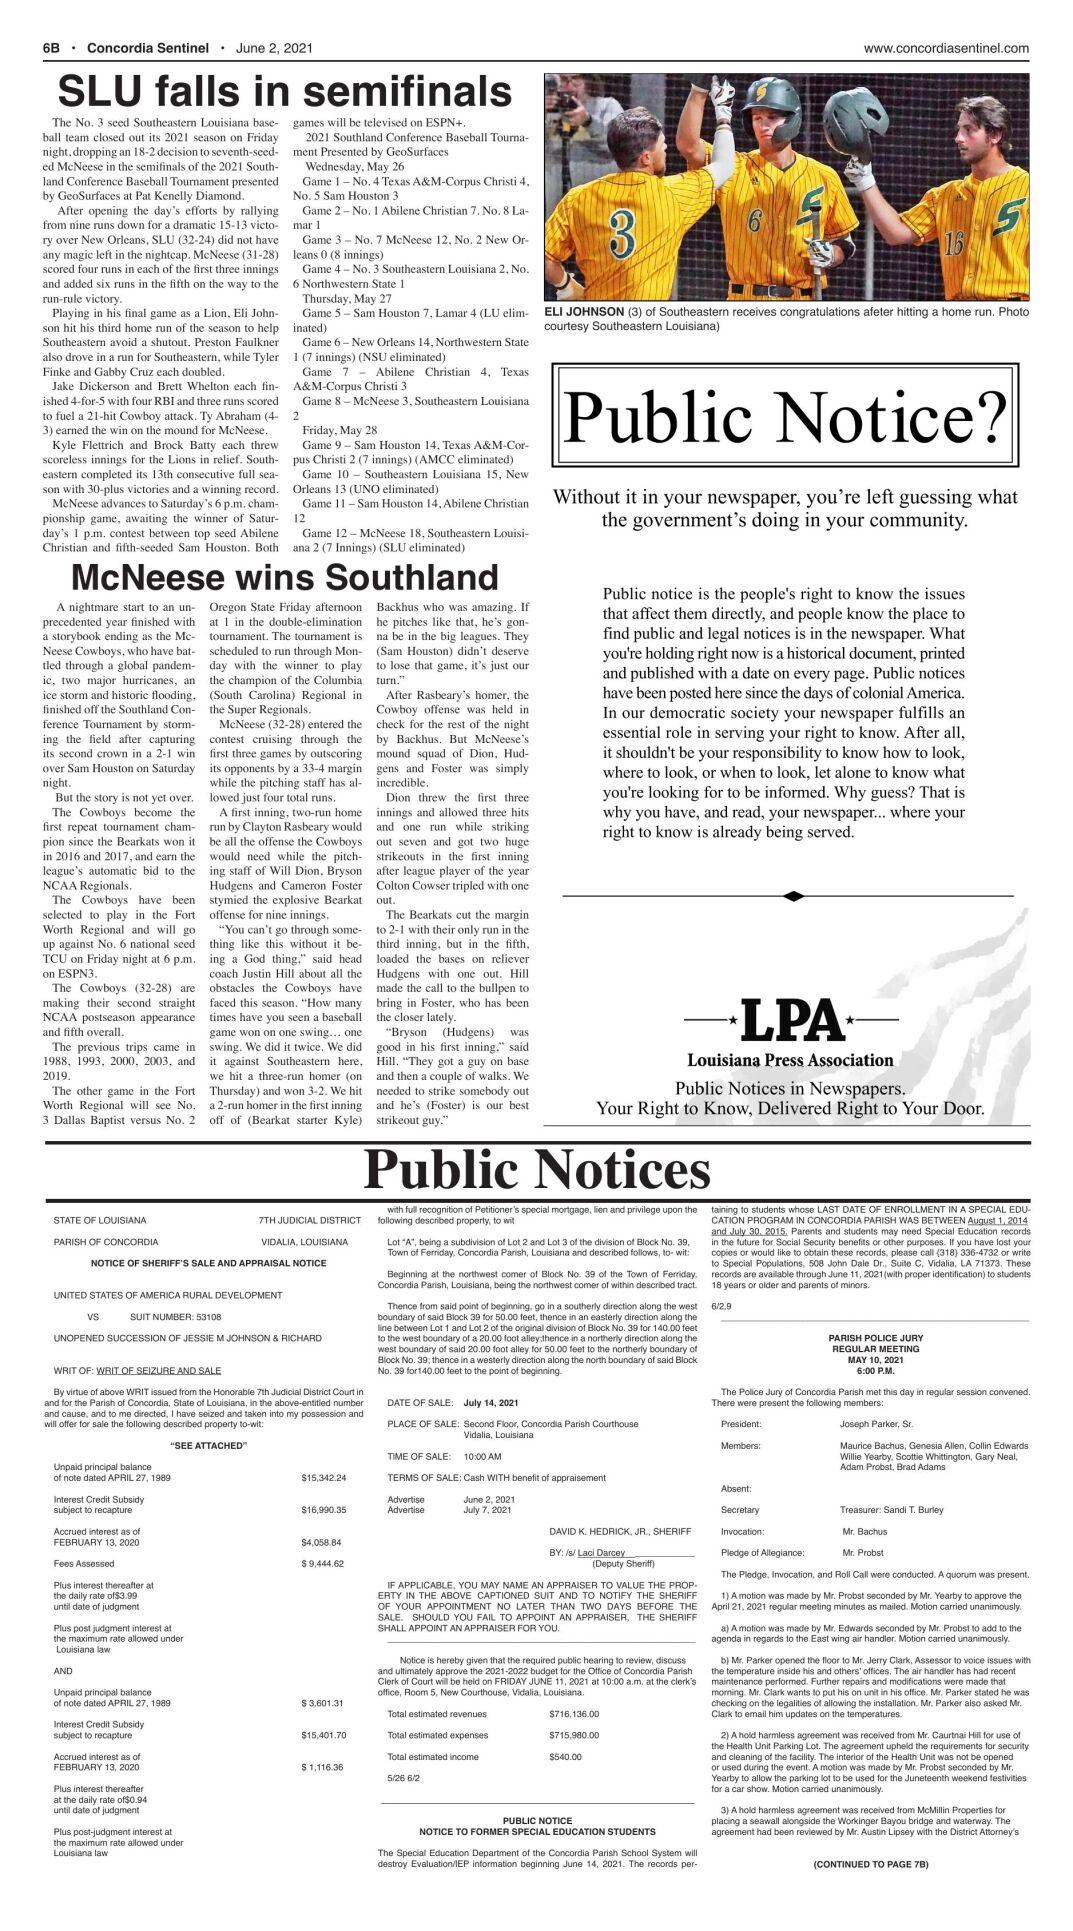 Public Notices - June 2, 2021